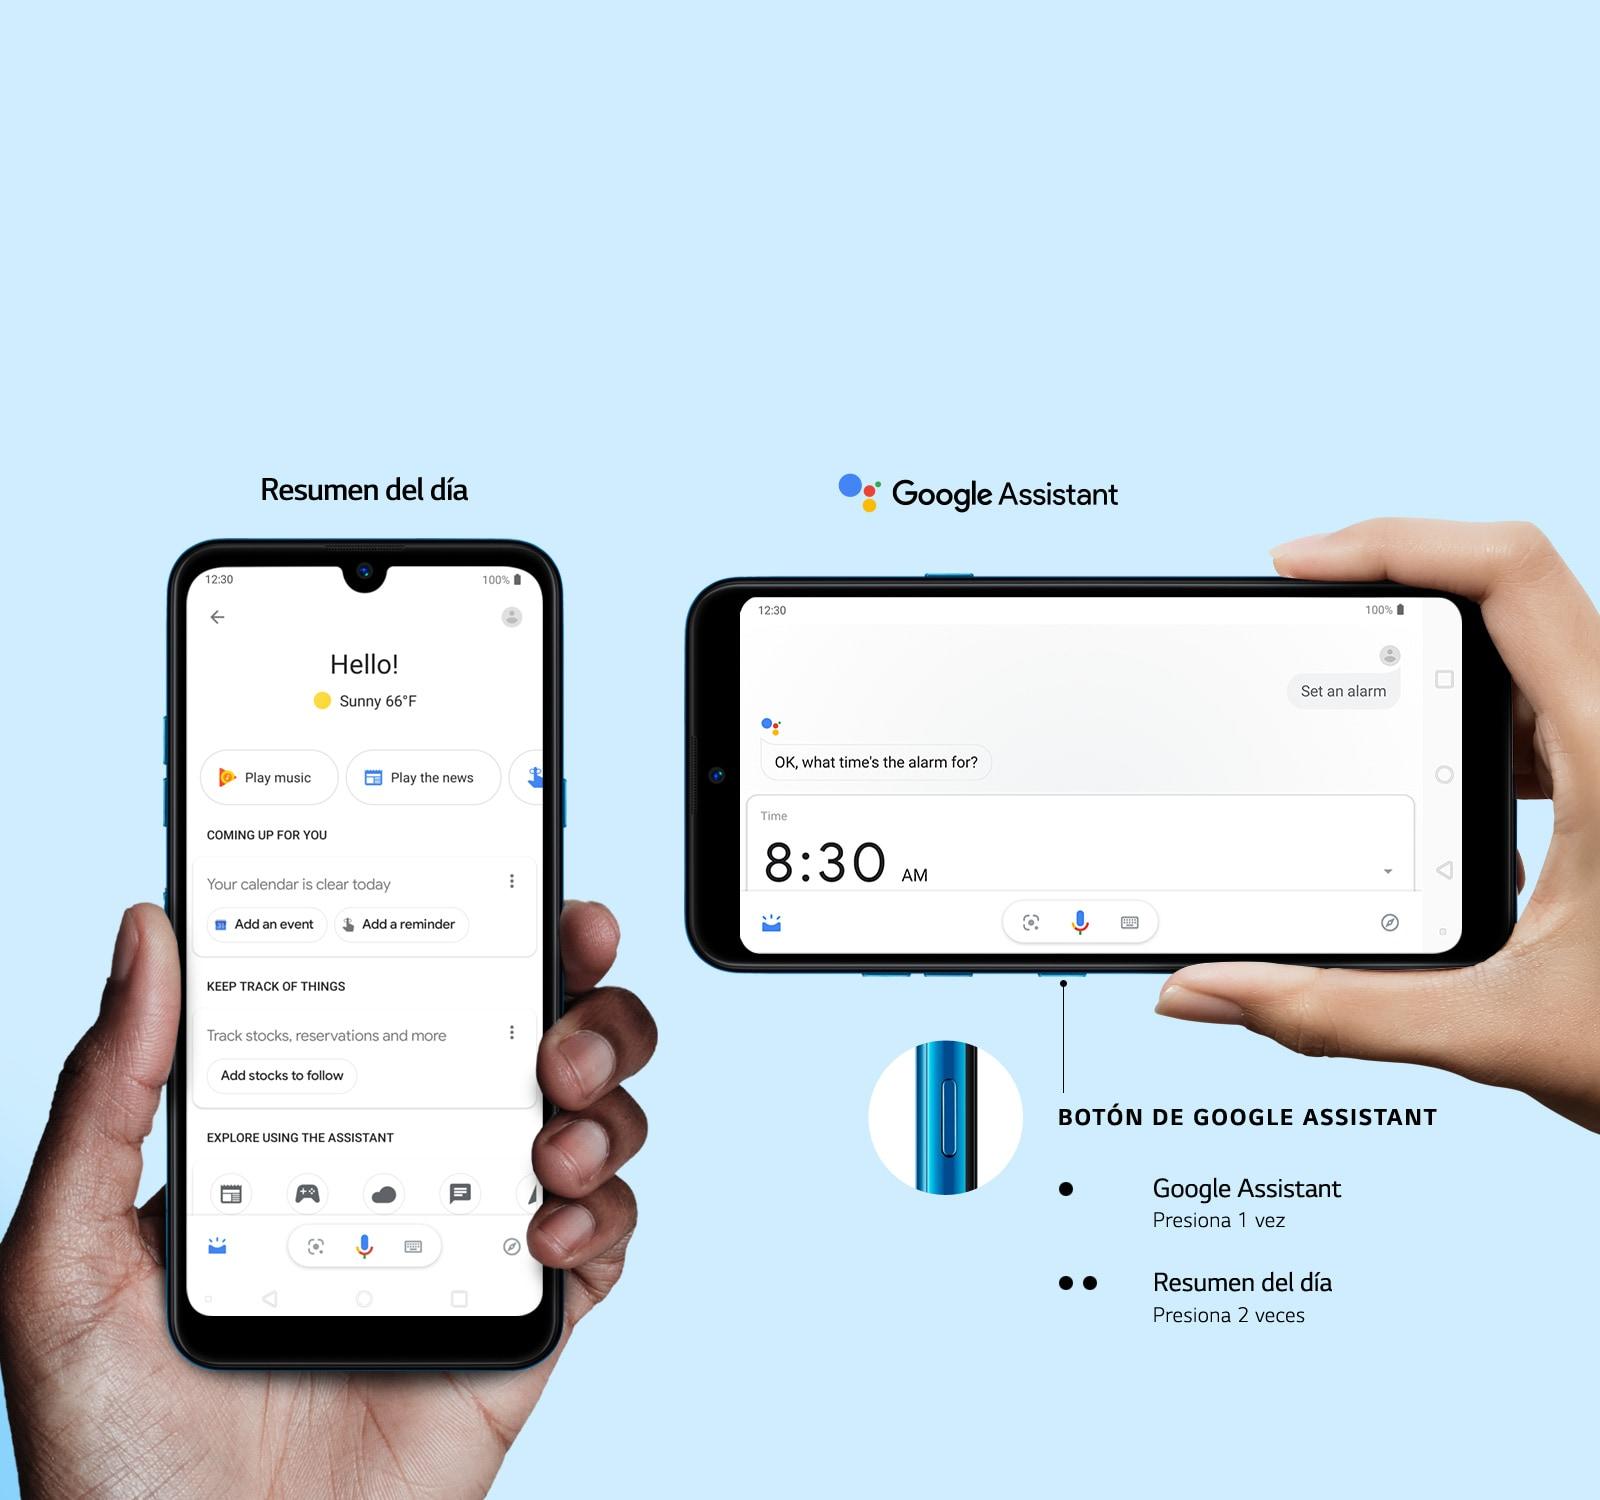 LG K50 - Botón de Google Assistant